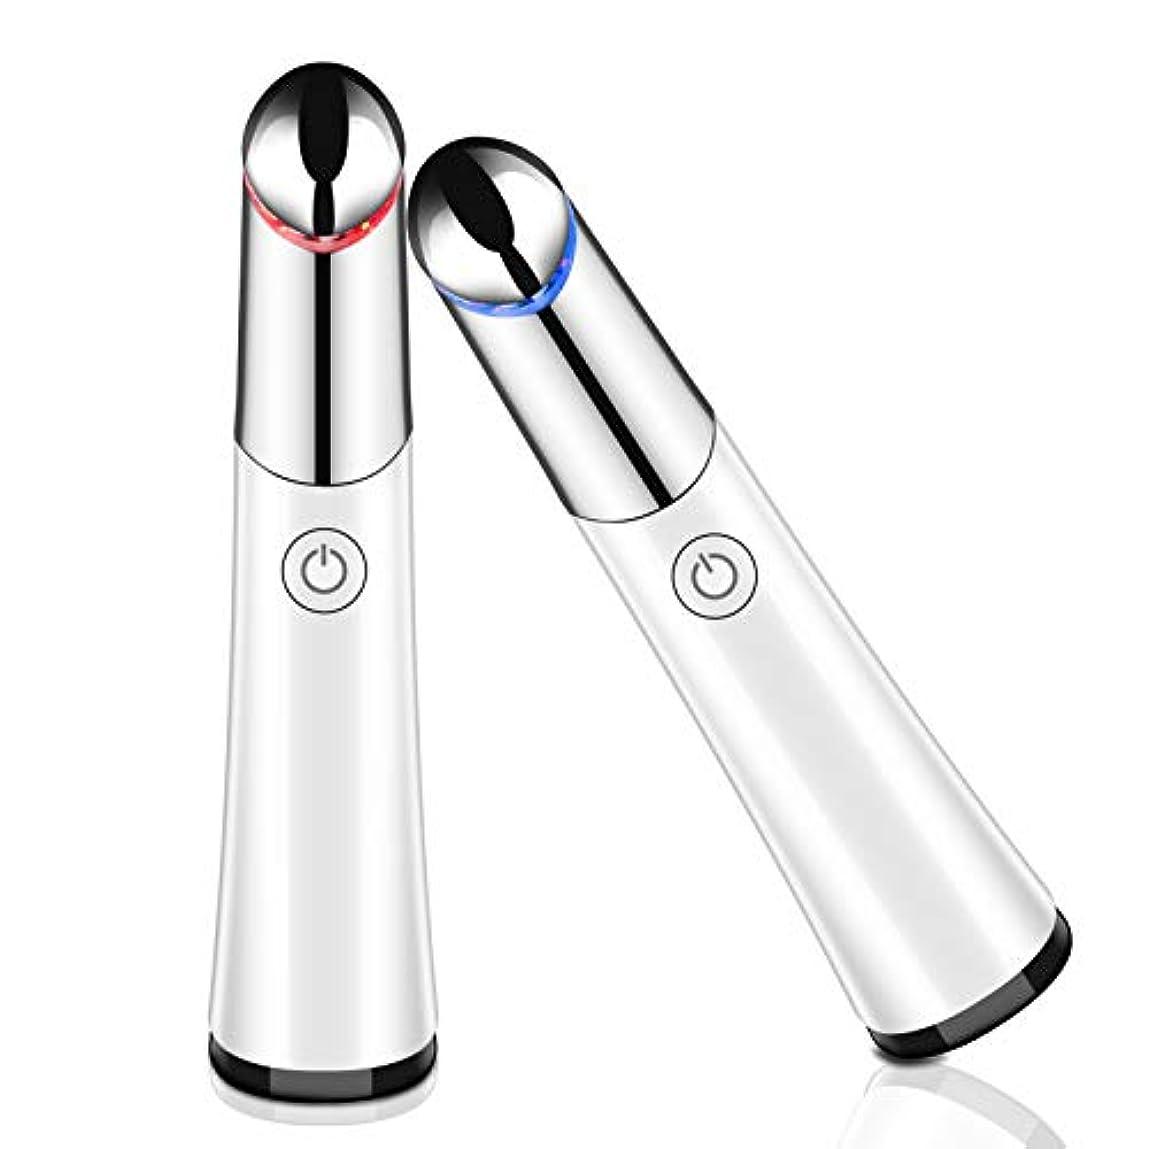 変換する結論破滅的な目元ケア 超音波美顔器 温熱マッサージ 光エステ イオン導入 振動 USB充電式 口元ケア 美肌 くま たるみ シワ 目袋改善 法令線改善